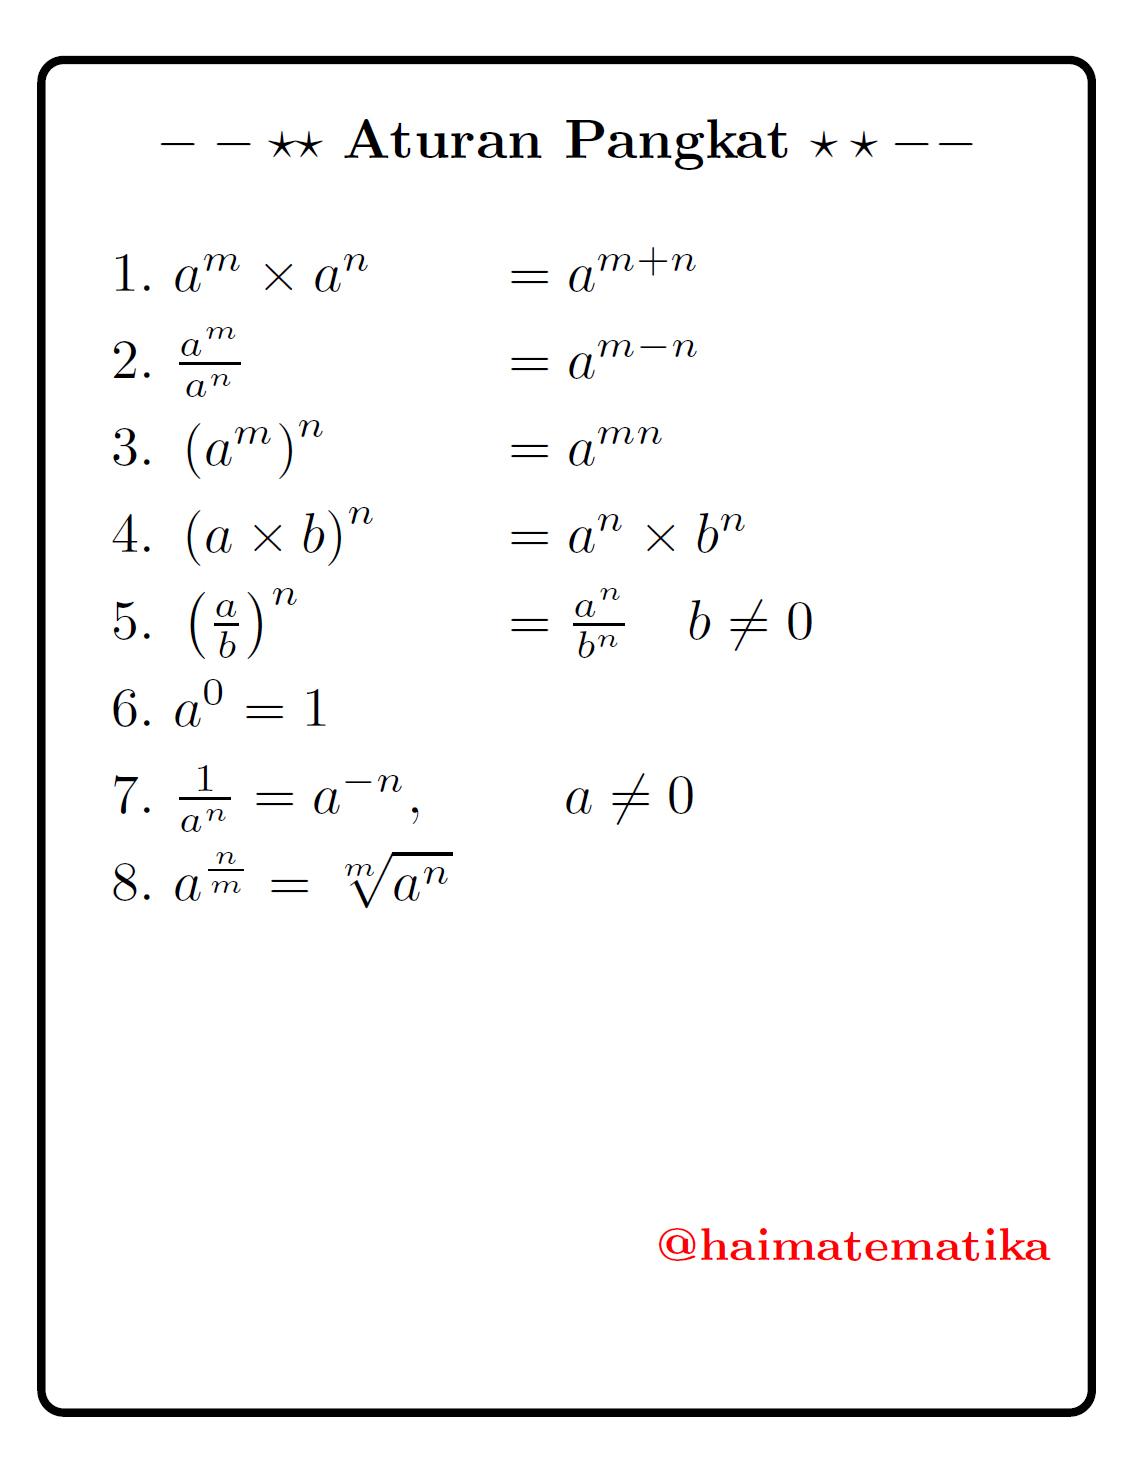 Contoh Soal Logaritma Akar Dan Pangkat Kumpulan Soal Pelajaran 7